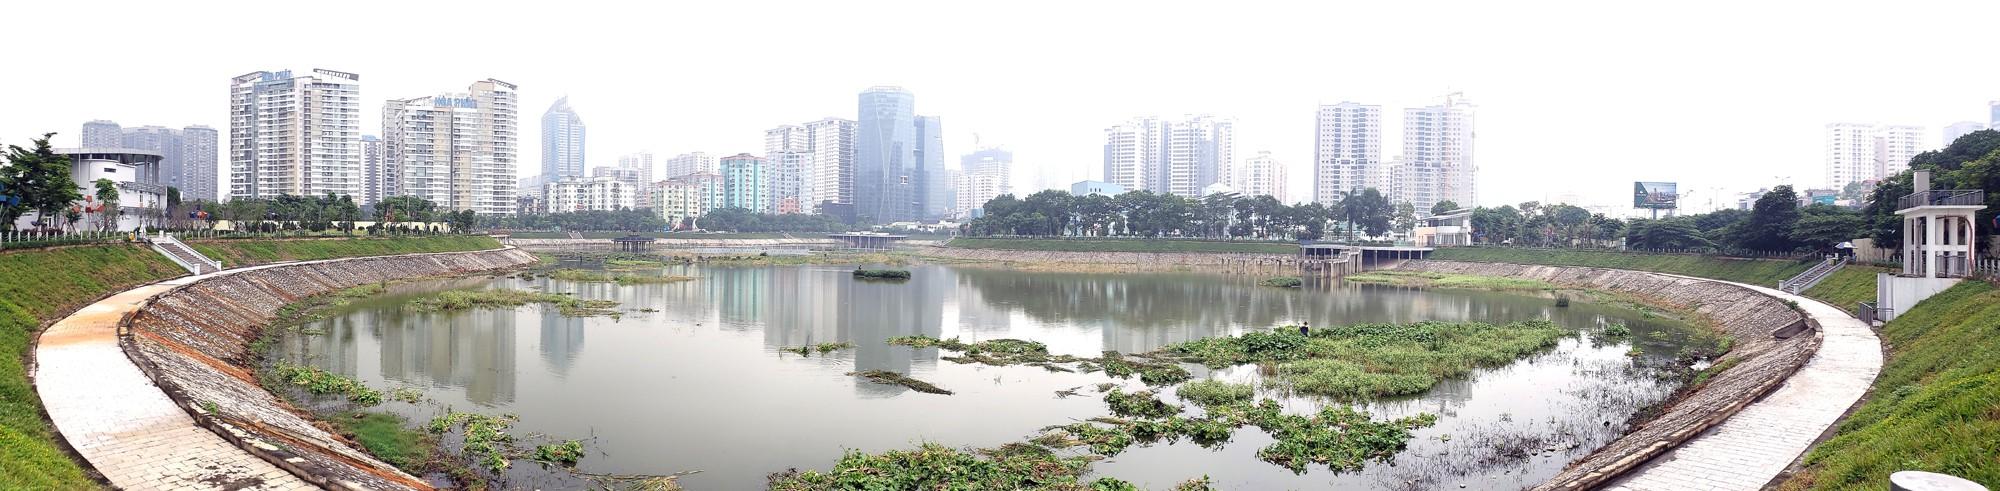 Công viên 300 tỉ đồng trên đất vàng ở Hà Nội mới khánh thành đã bị dân chê hôi thối - Ảnh 16.